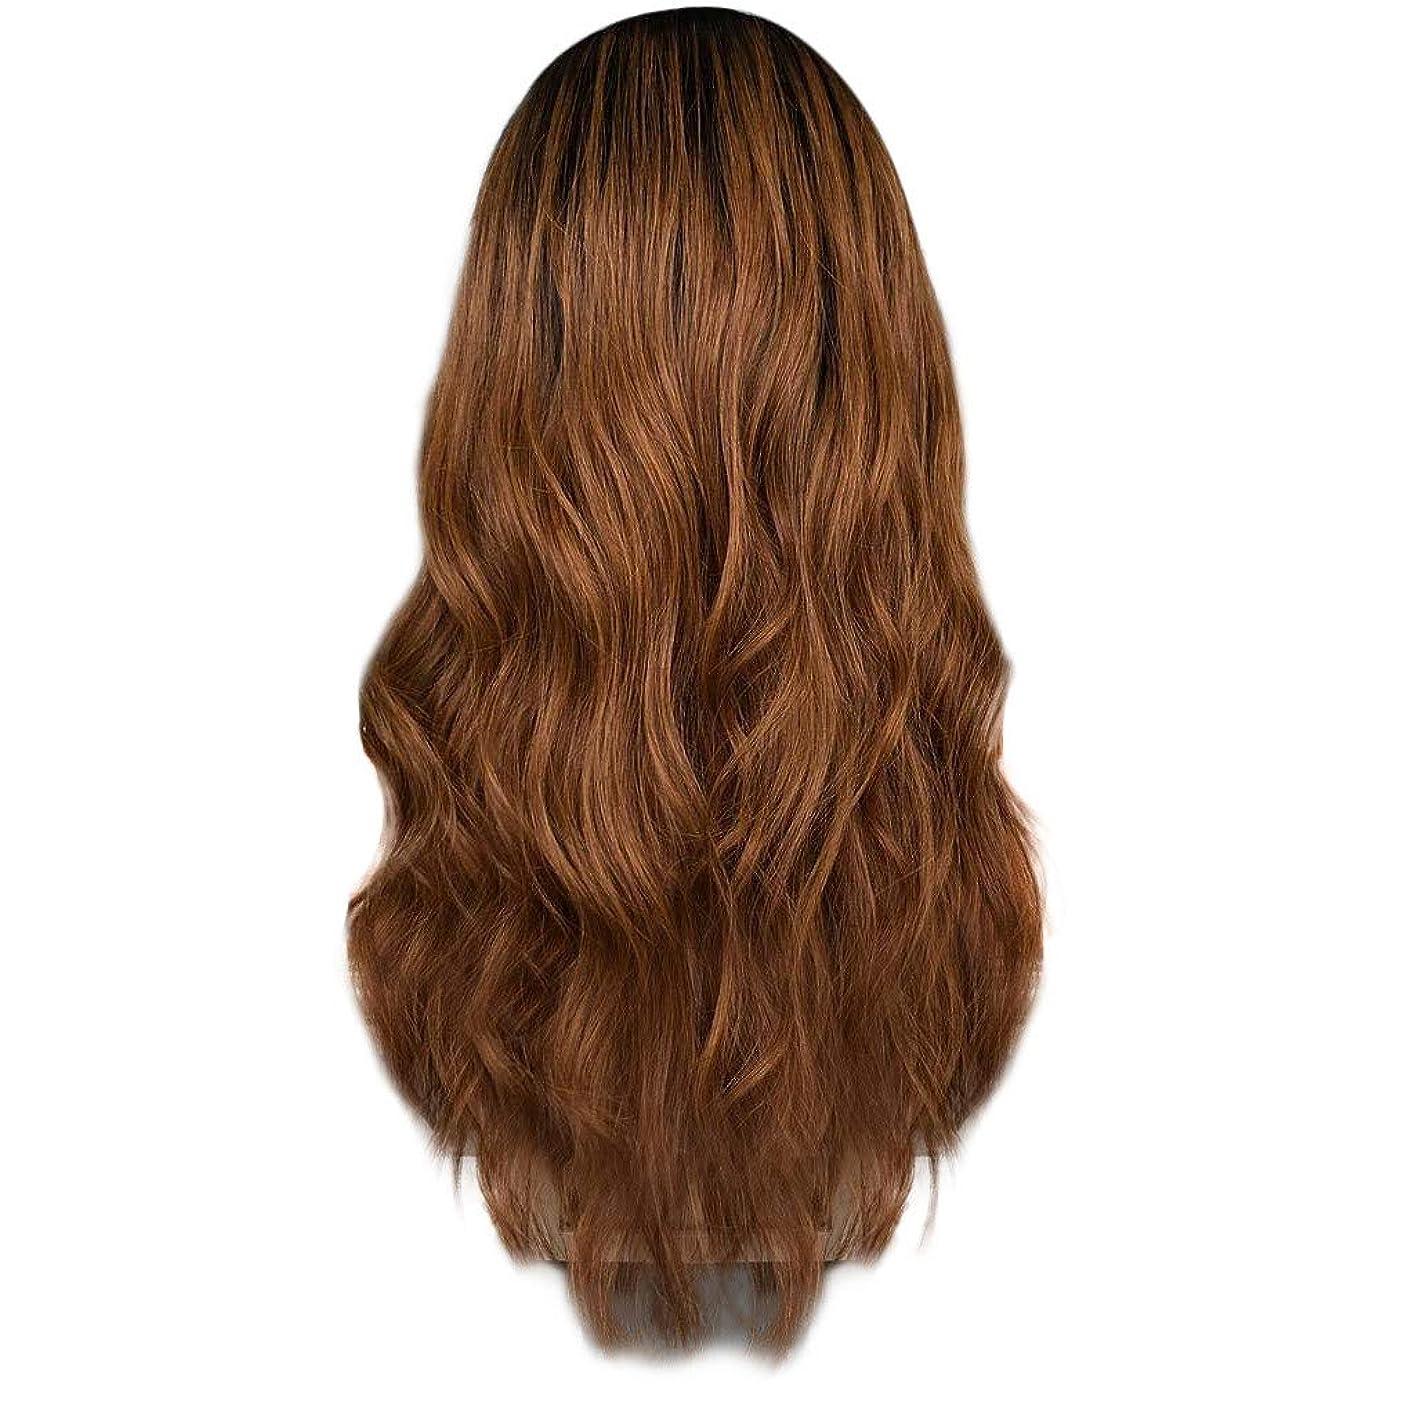 長老料理をする優先権女性の茶色のグラデーション長い巻き毛のかつらセクシーなファッションナチュラルかつら遠出パーティーかつら65 cm